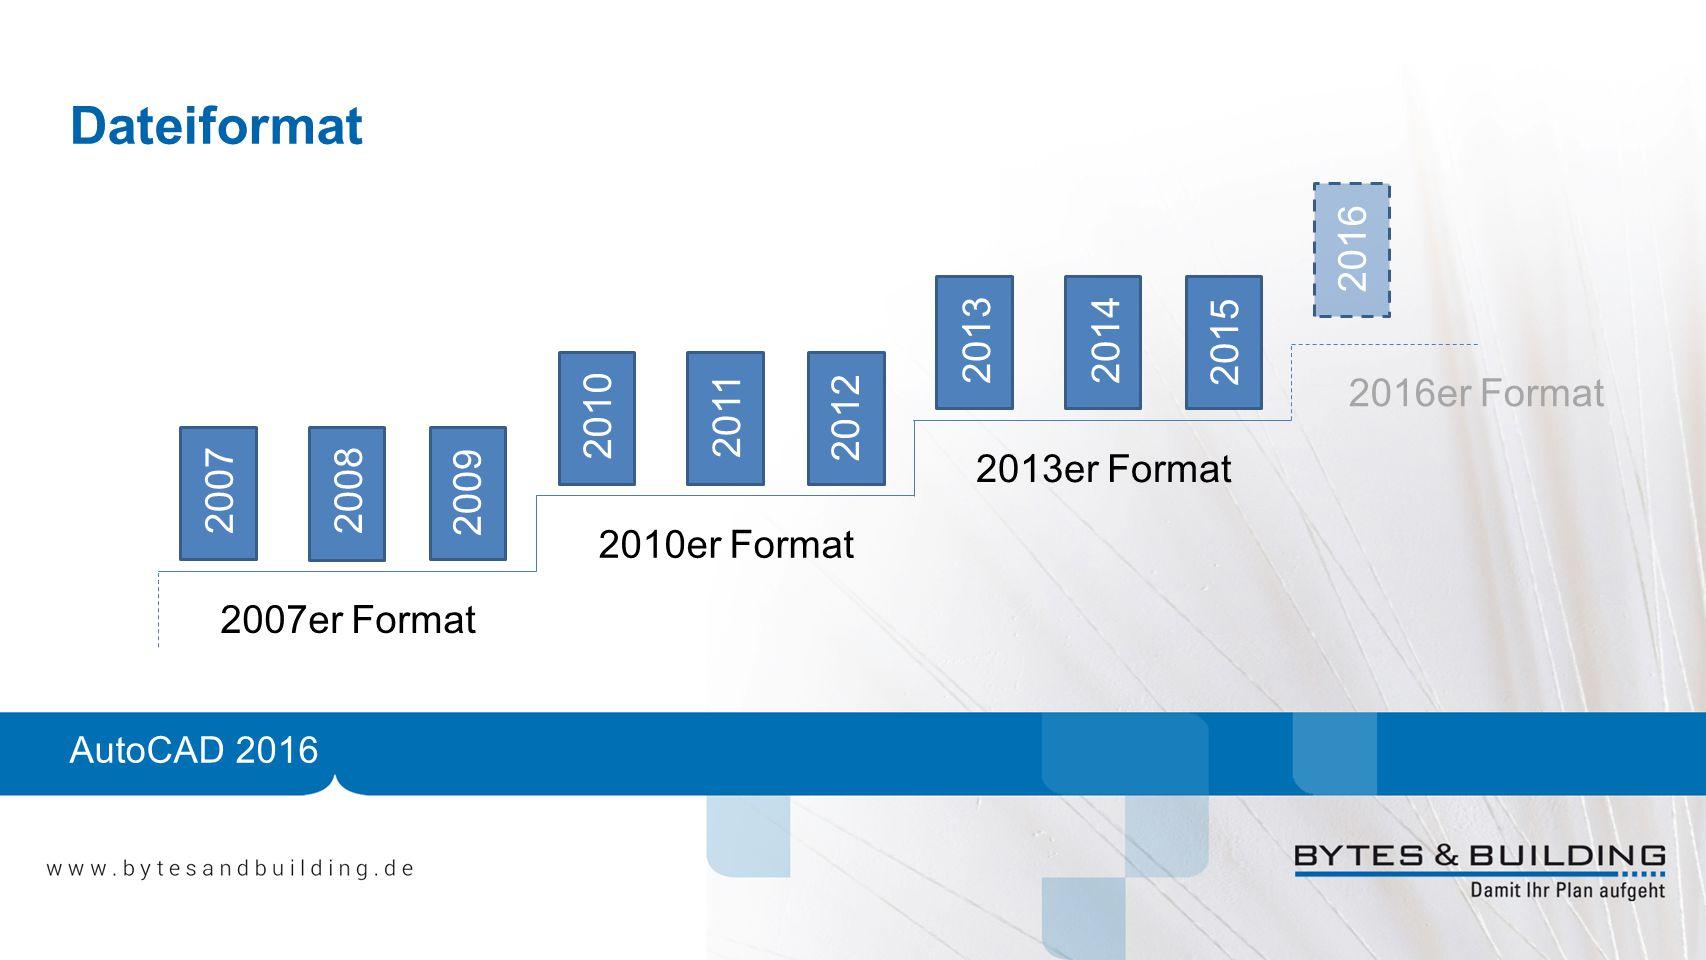 Dateiformat 2016. 2013. 2014. 2015. 2010. 2011. 2012. 2016er Format. 2007. 2008. 2009. 2013er Format.